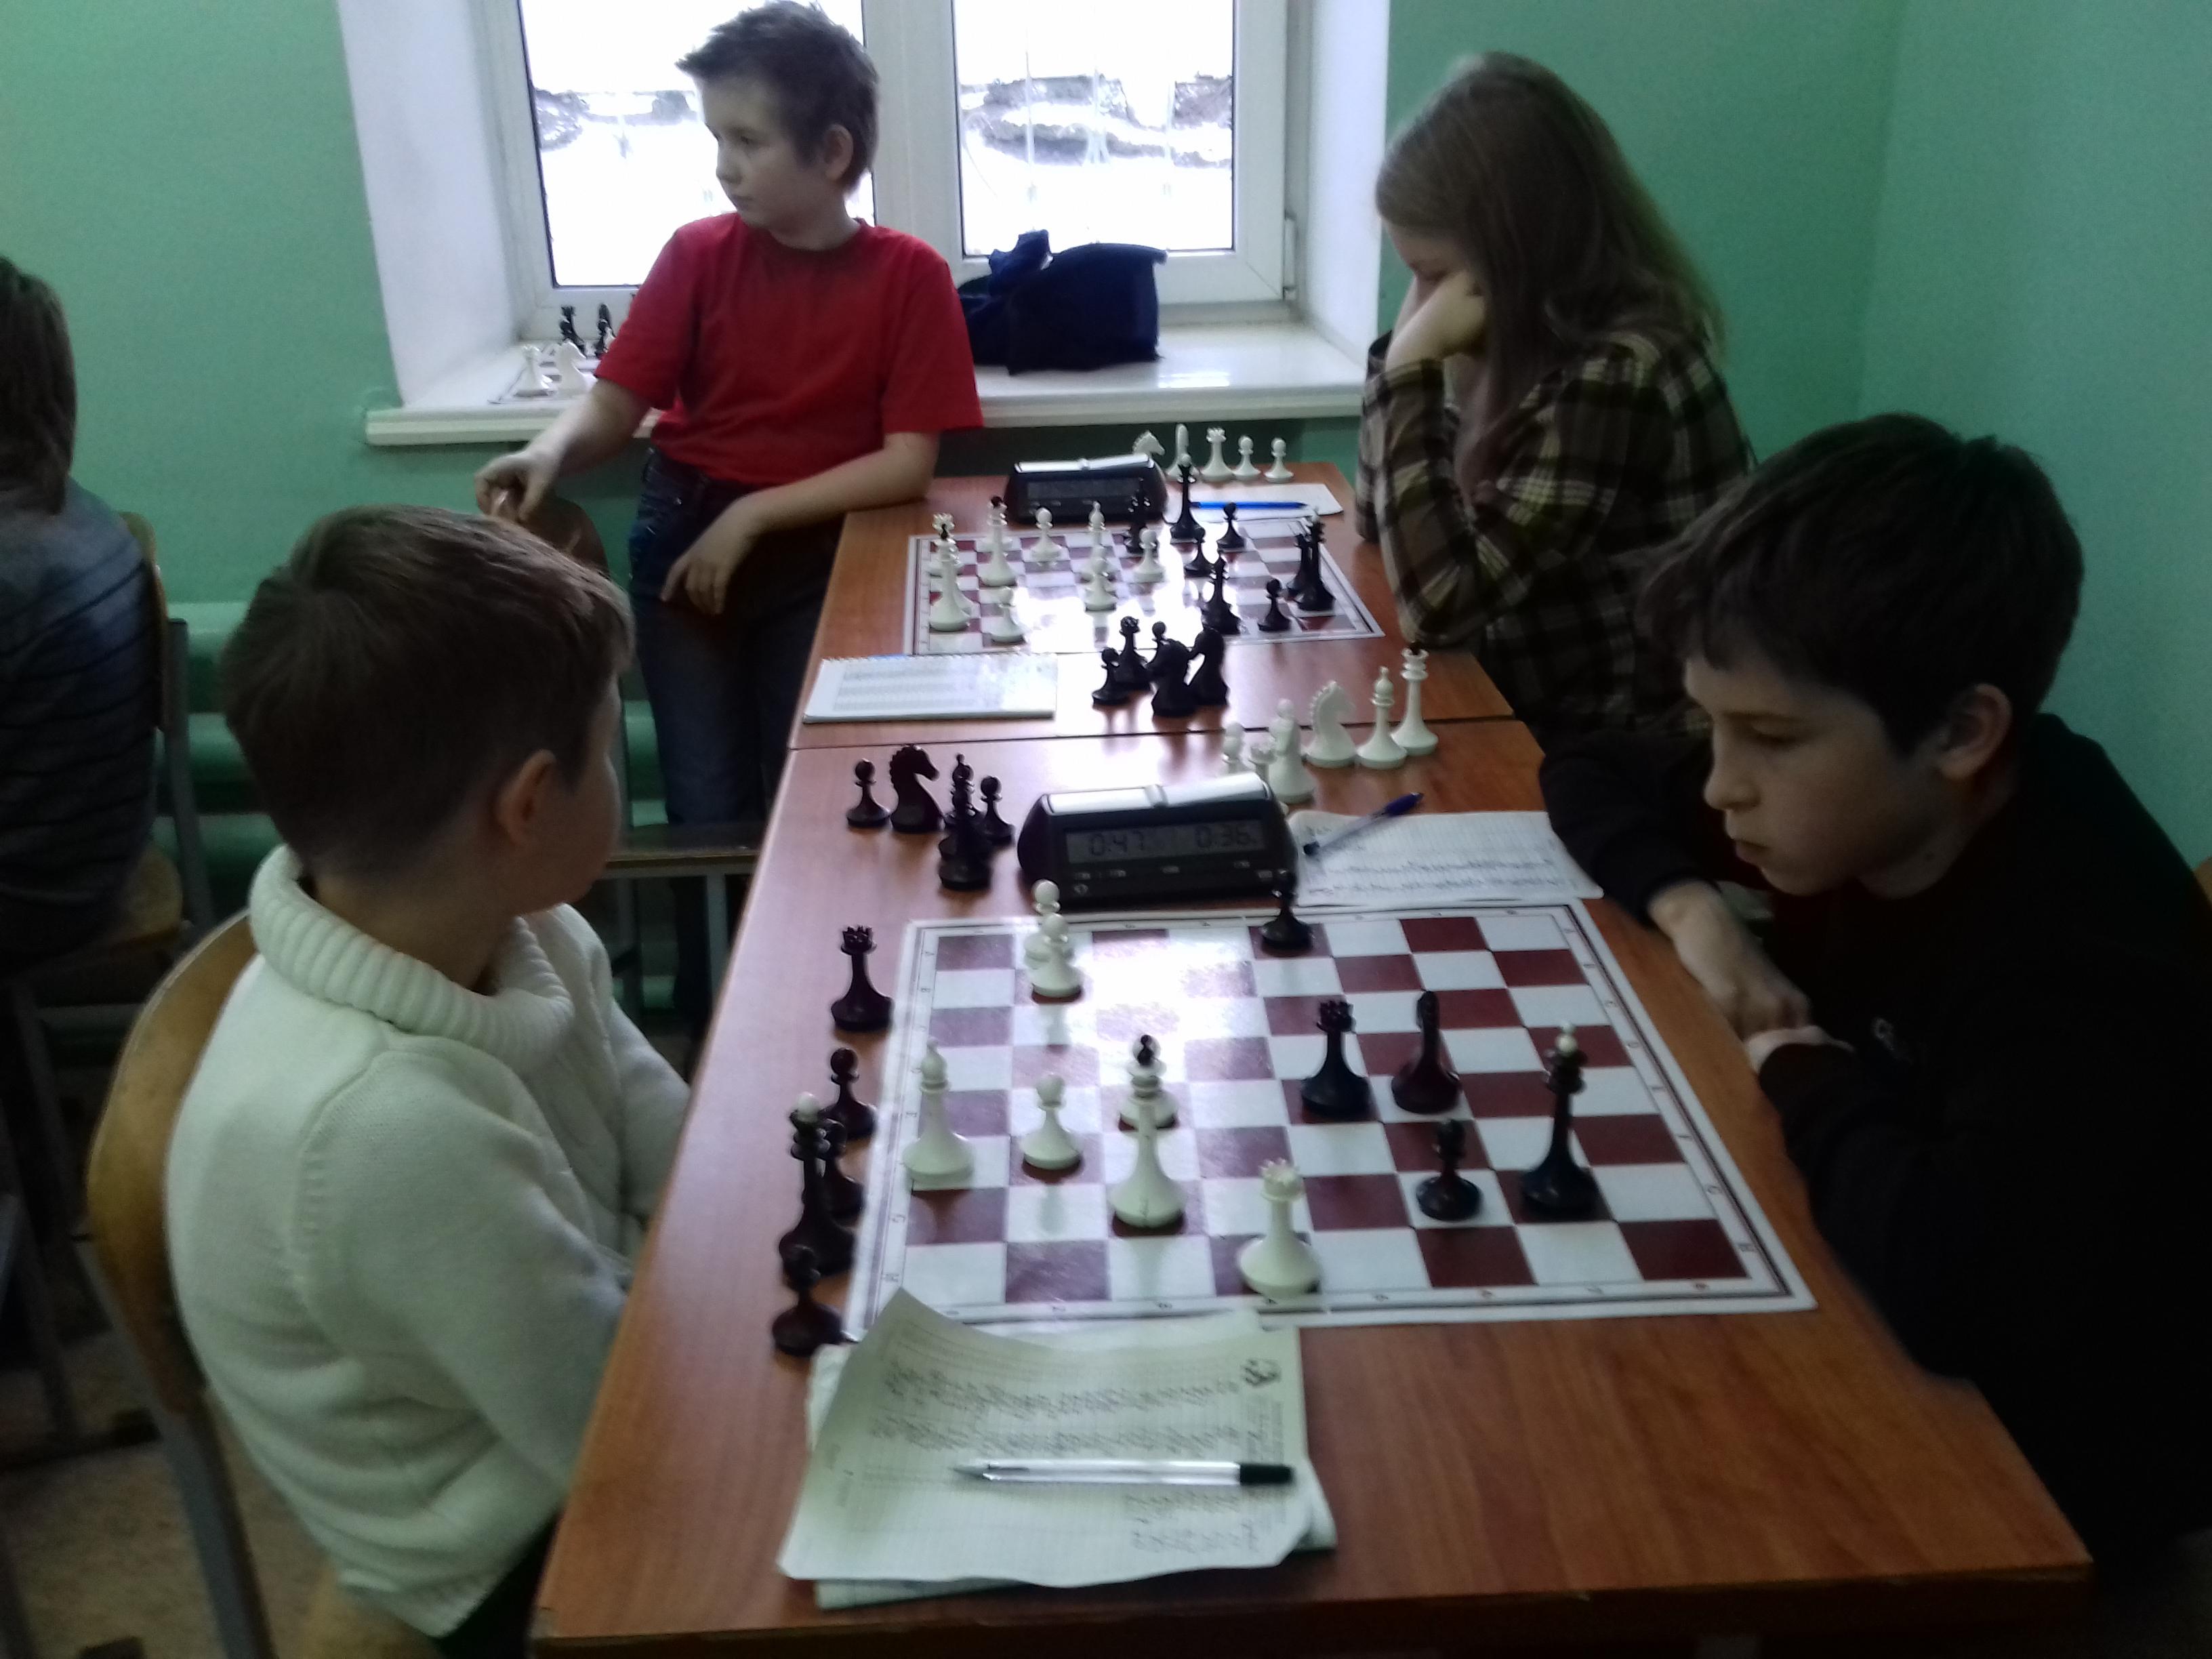 На переднем плане партия Кобылянский-Гунькин завершилась вничью. На заднем плане партия Харкевич-Бабушкина также не принесла никому победы.